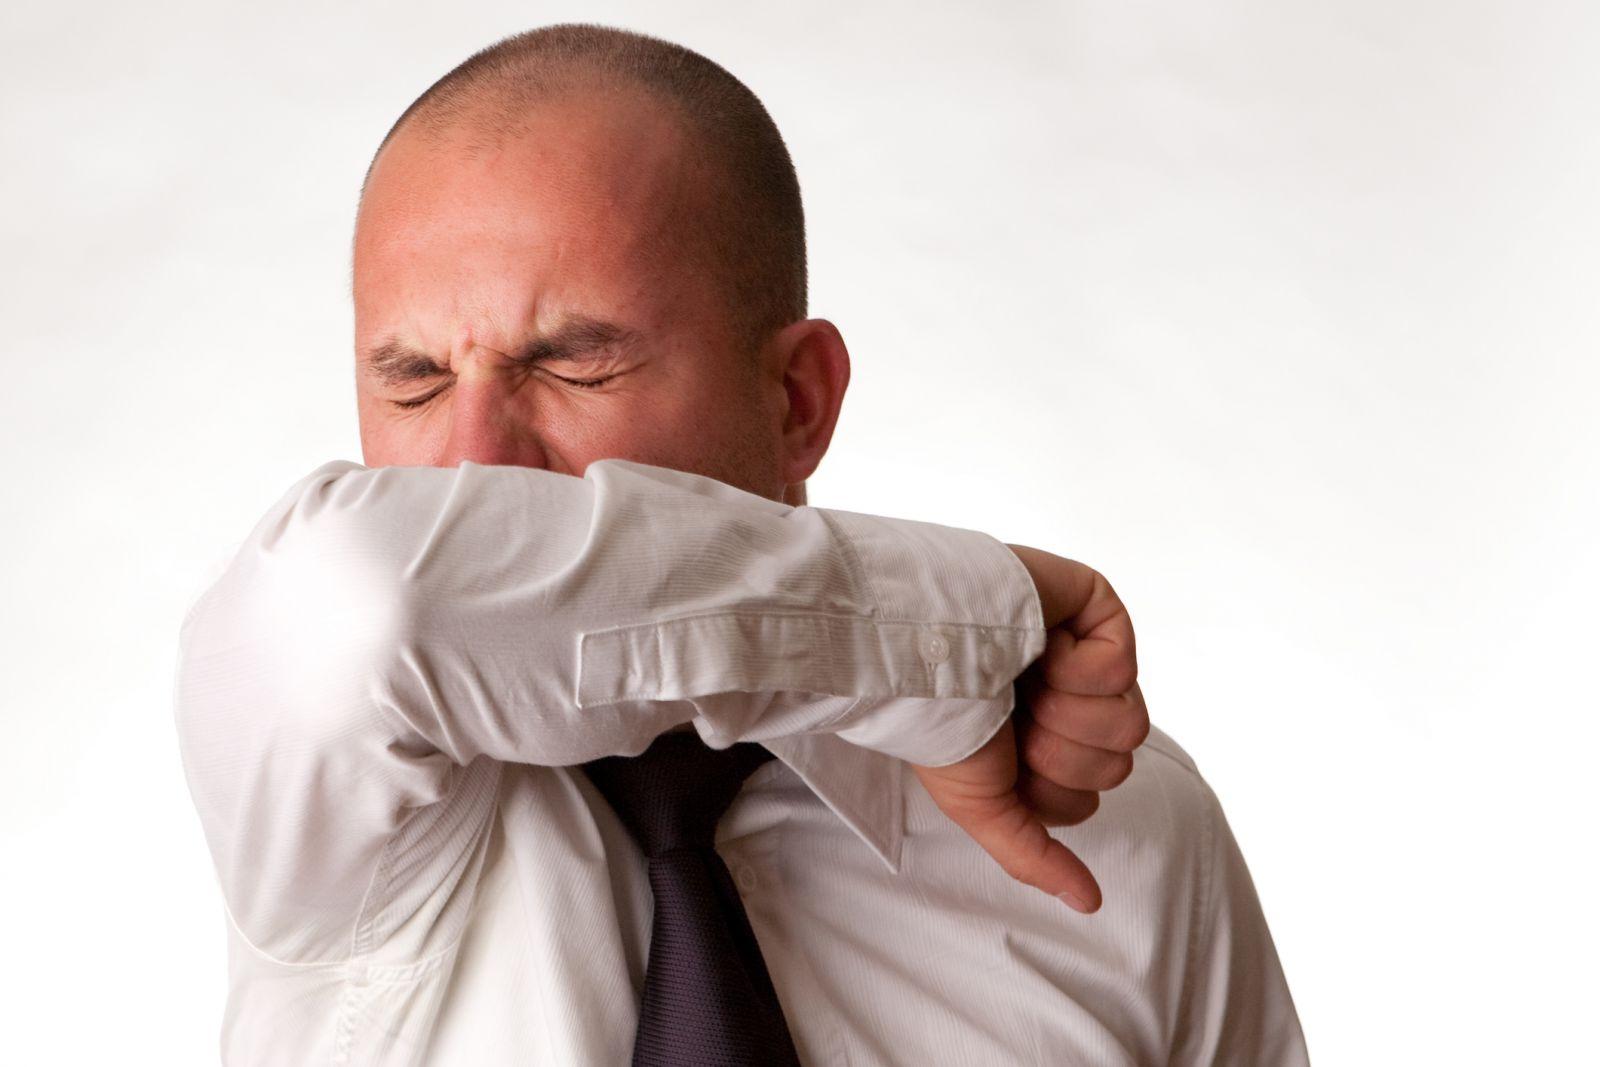 That nagging cough - Harvard Health